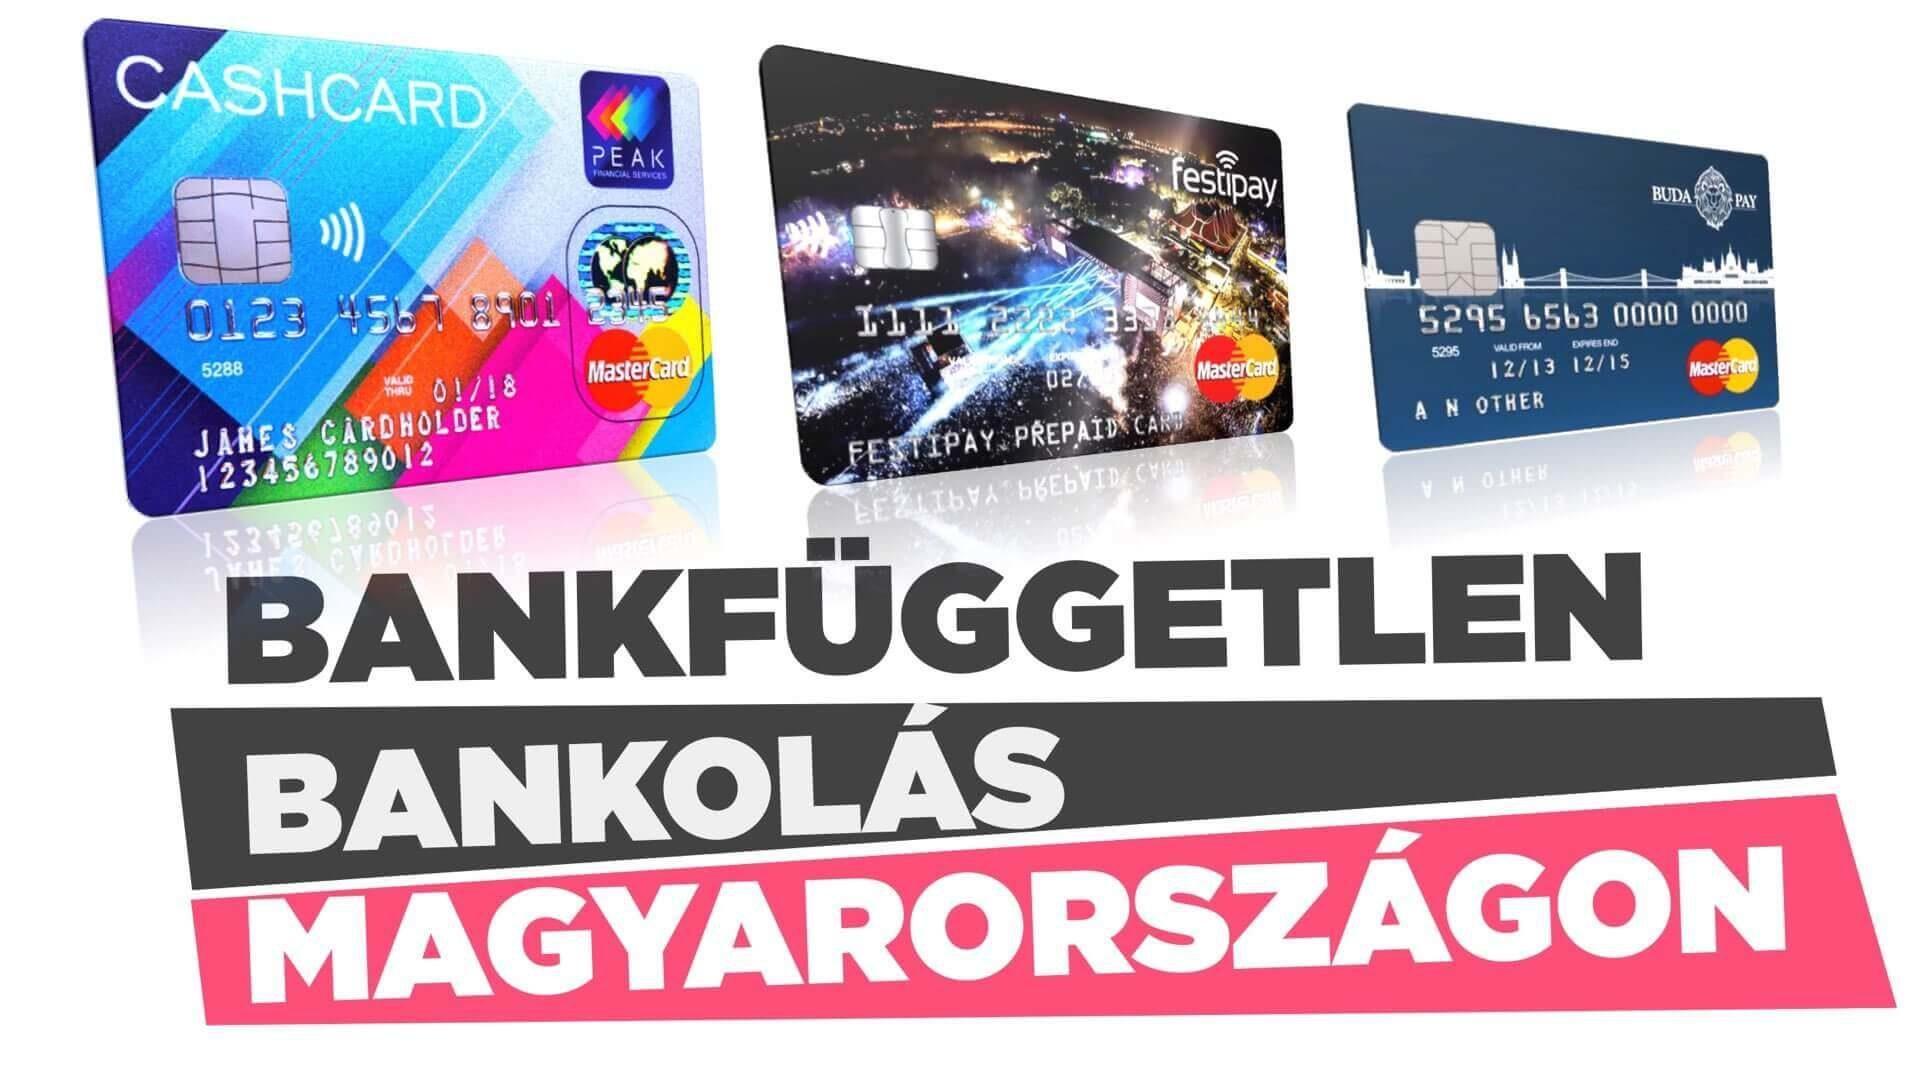 Bankfüggetlen bankolás Magyarországon